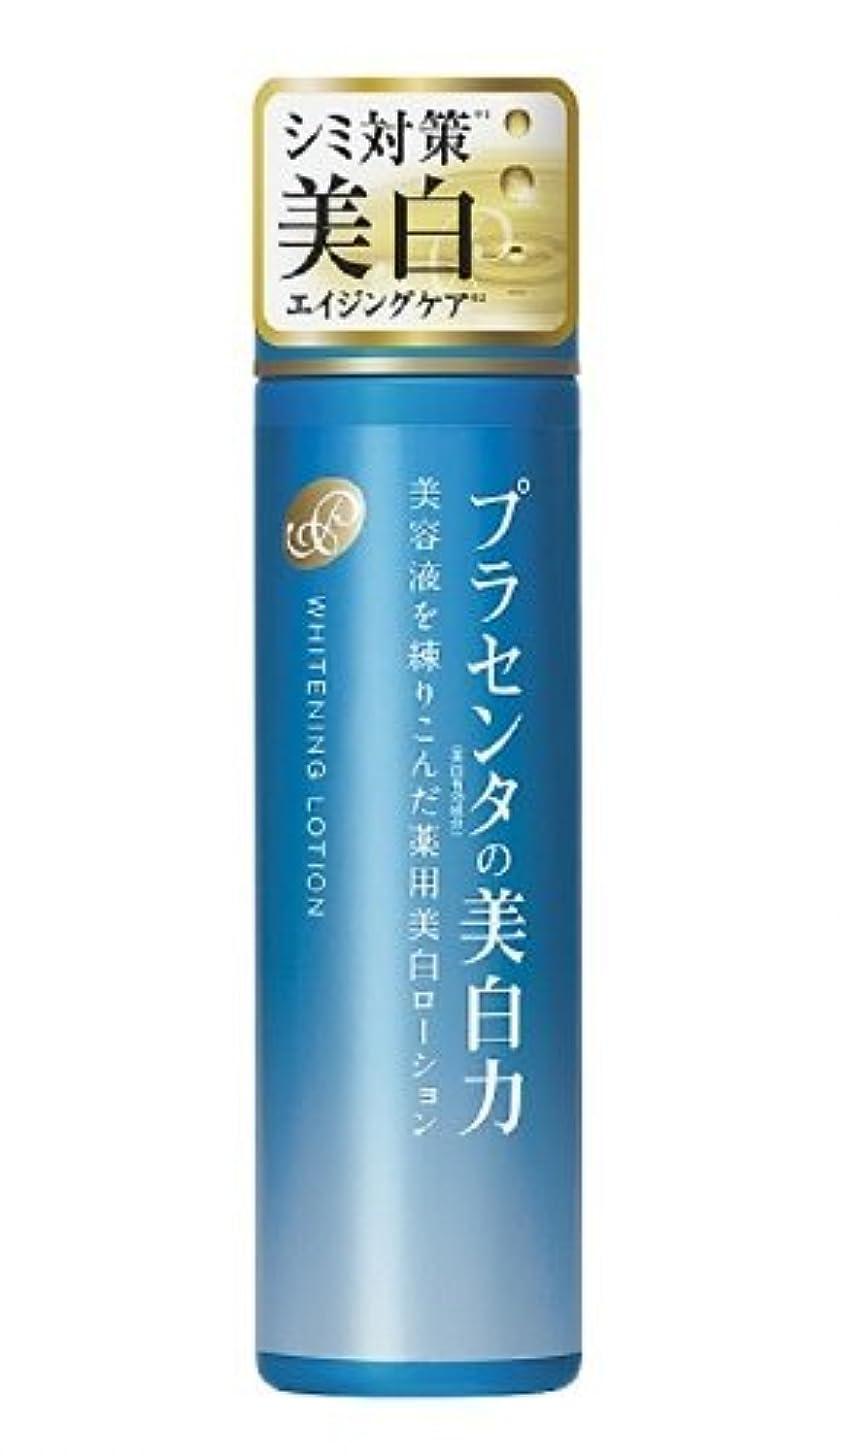 セクションパワーぺディカブプラセホワイター 薬用美白ローション 180mL (医薬部外品)